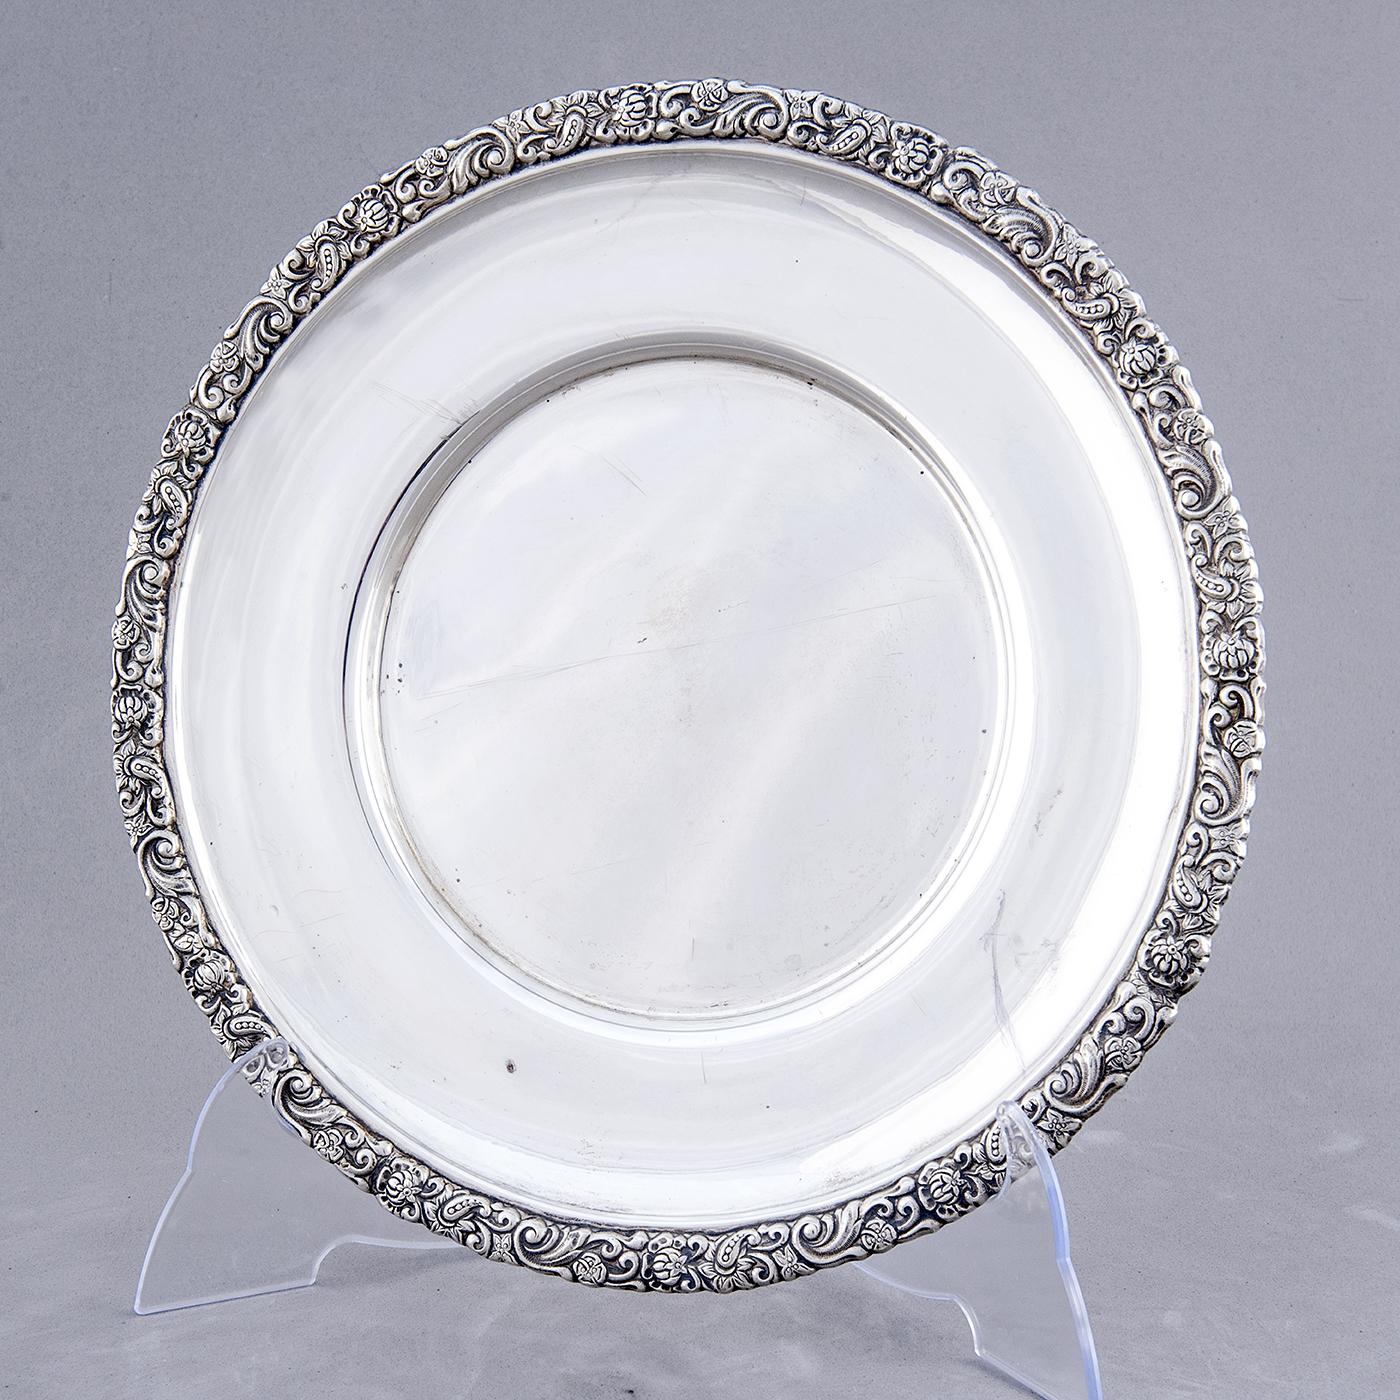 Bandeja circular en Plata de Ley. J. PÉREZ, España. Siglo XIX.